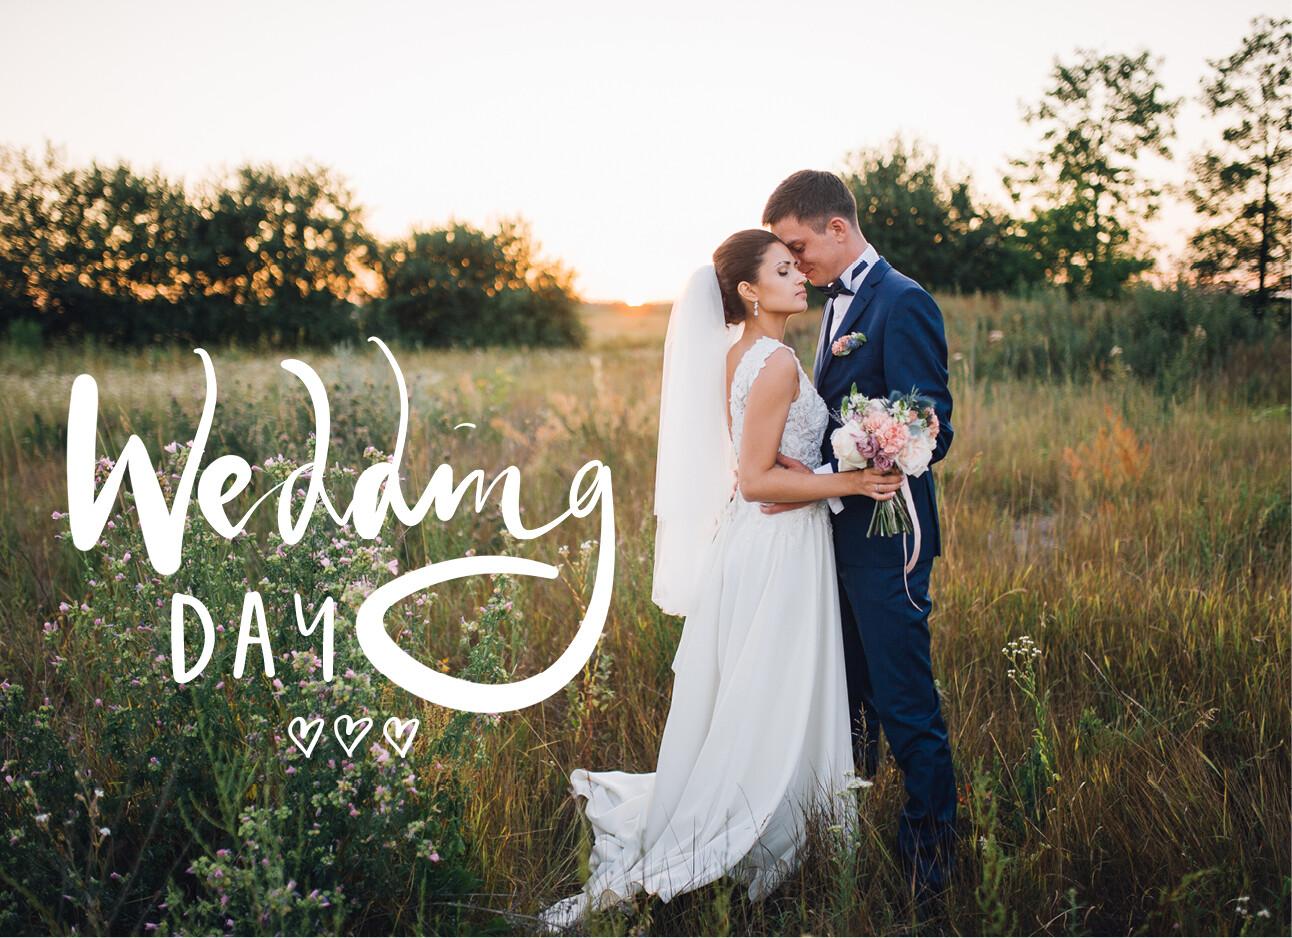 bruiloftsfotografie stelletje in veld